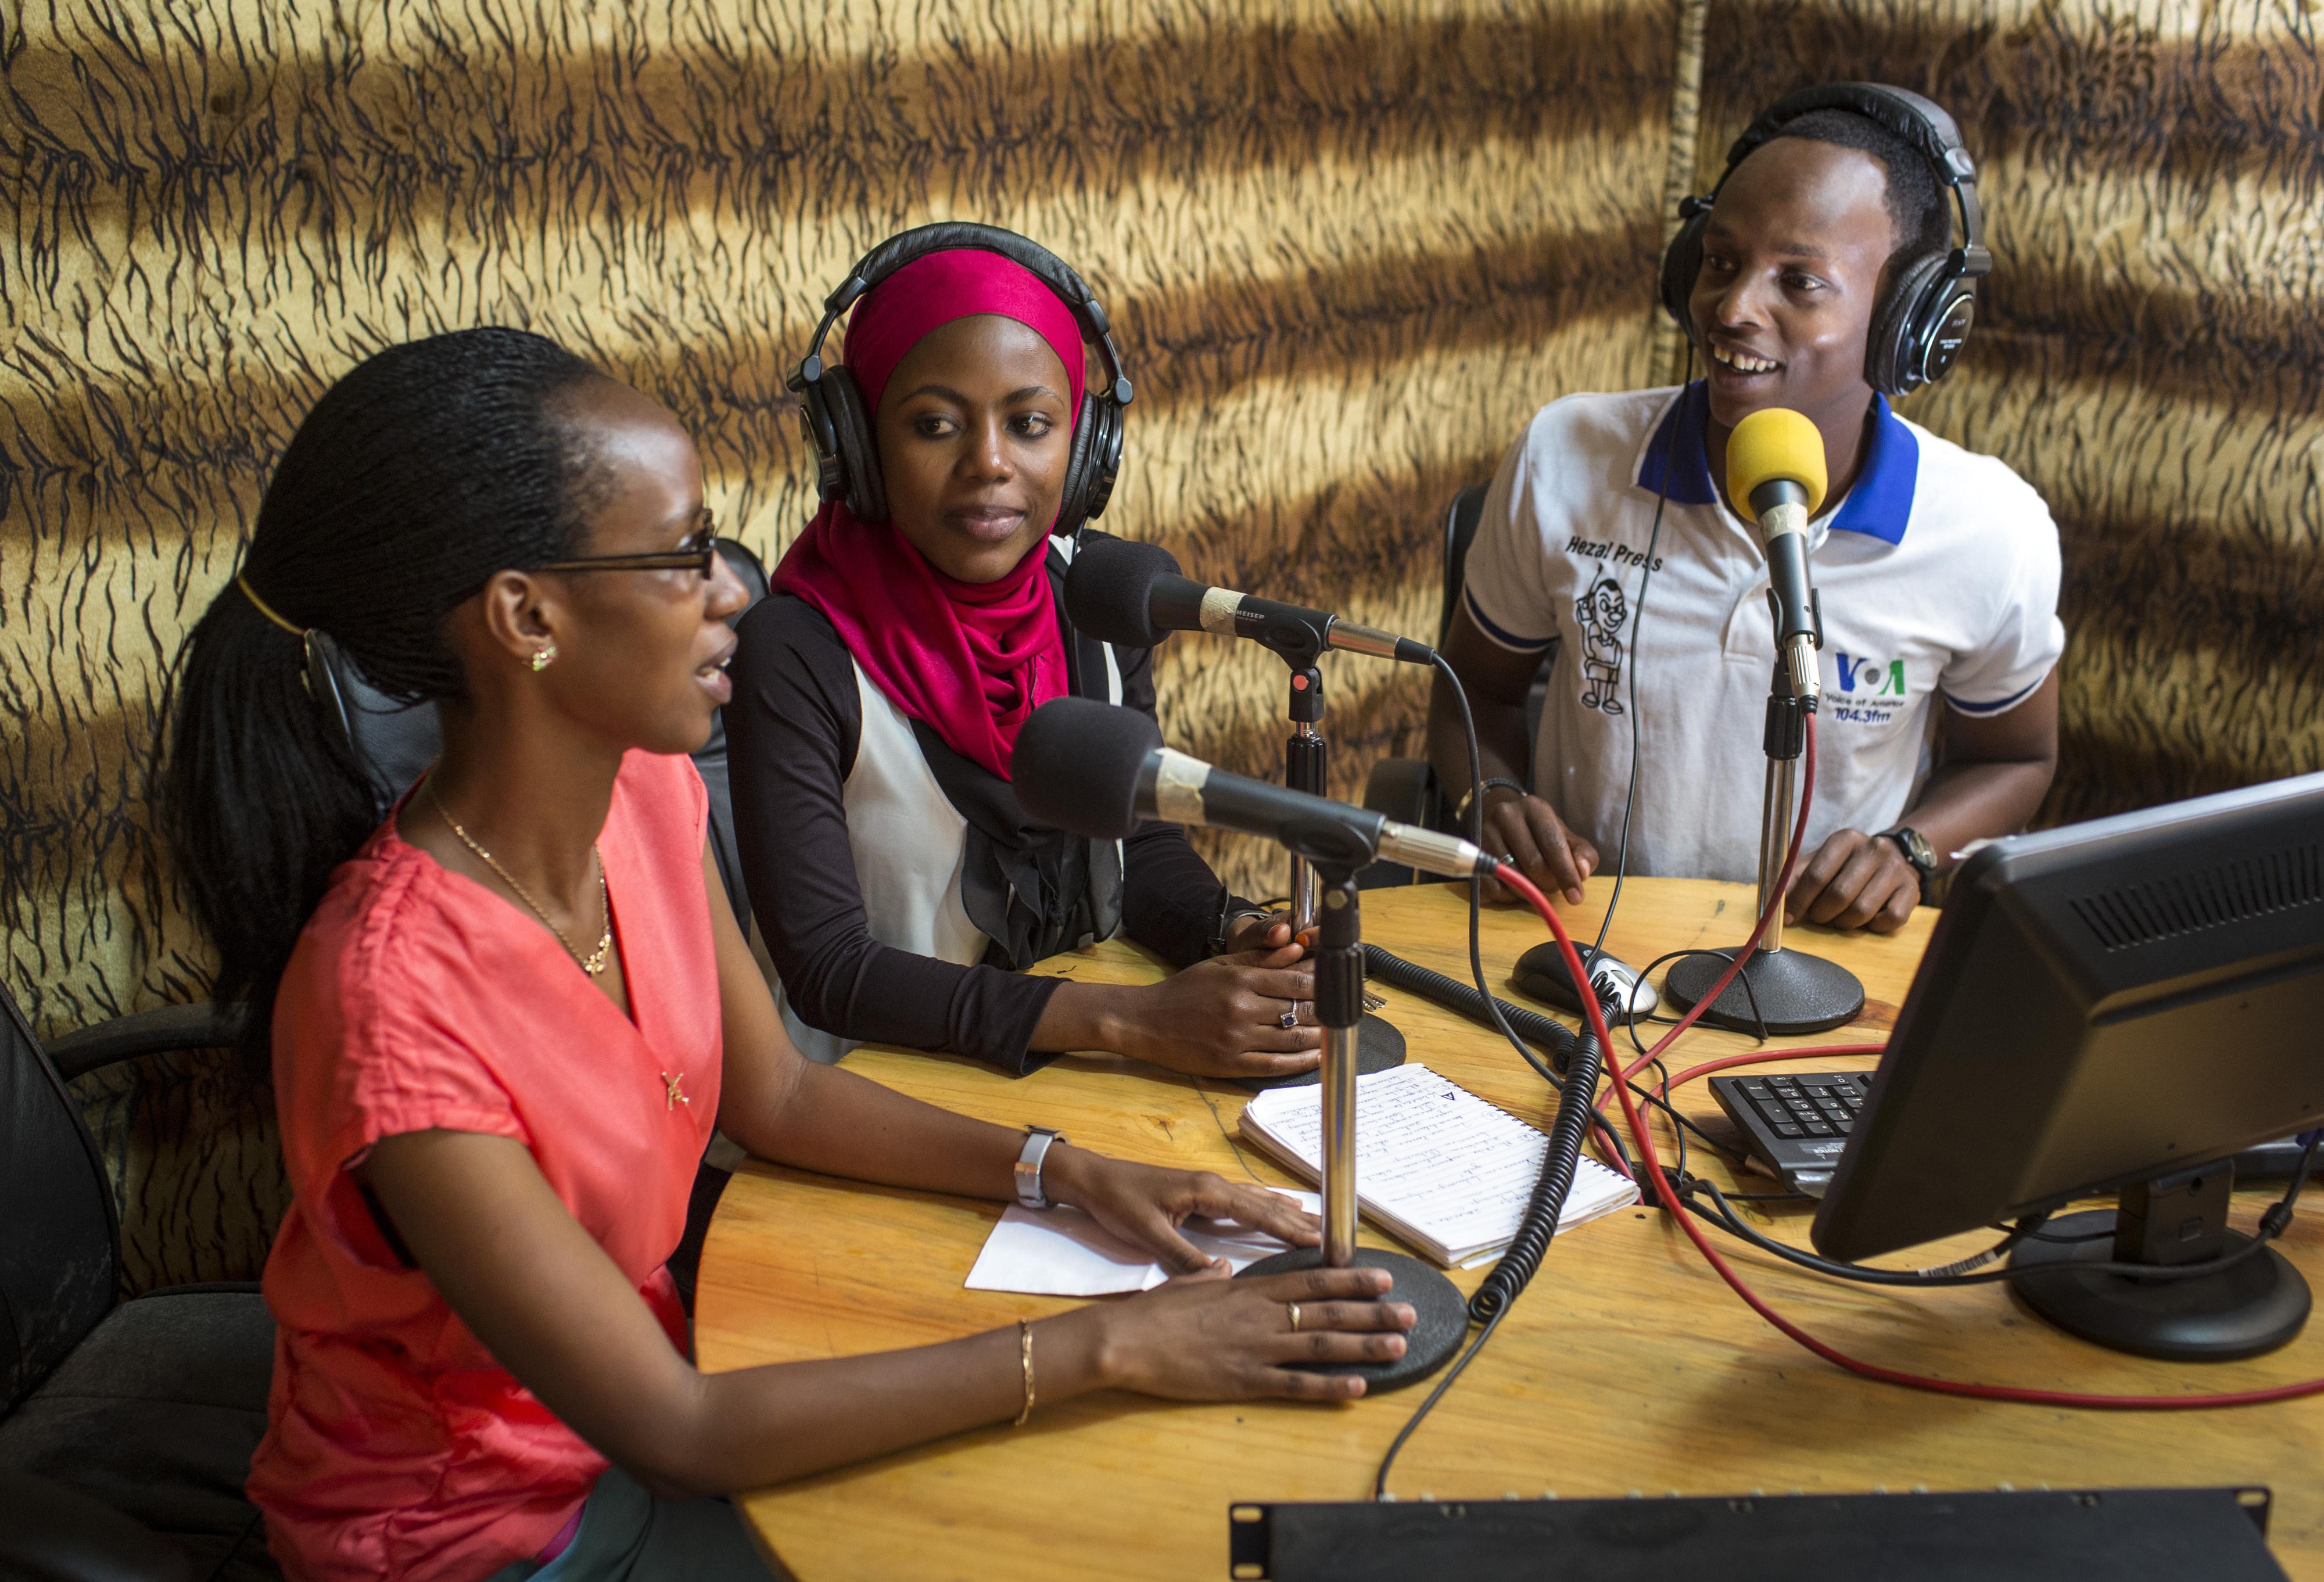 Studio eines Radiosenders in Ruanda